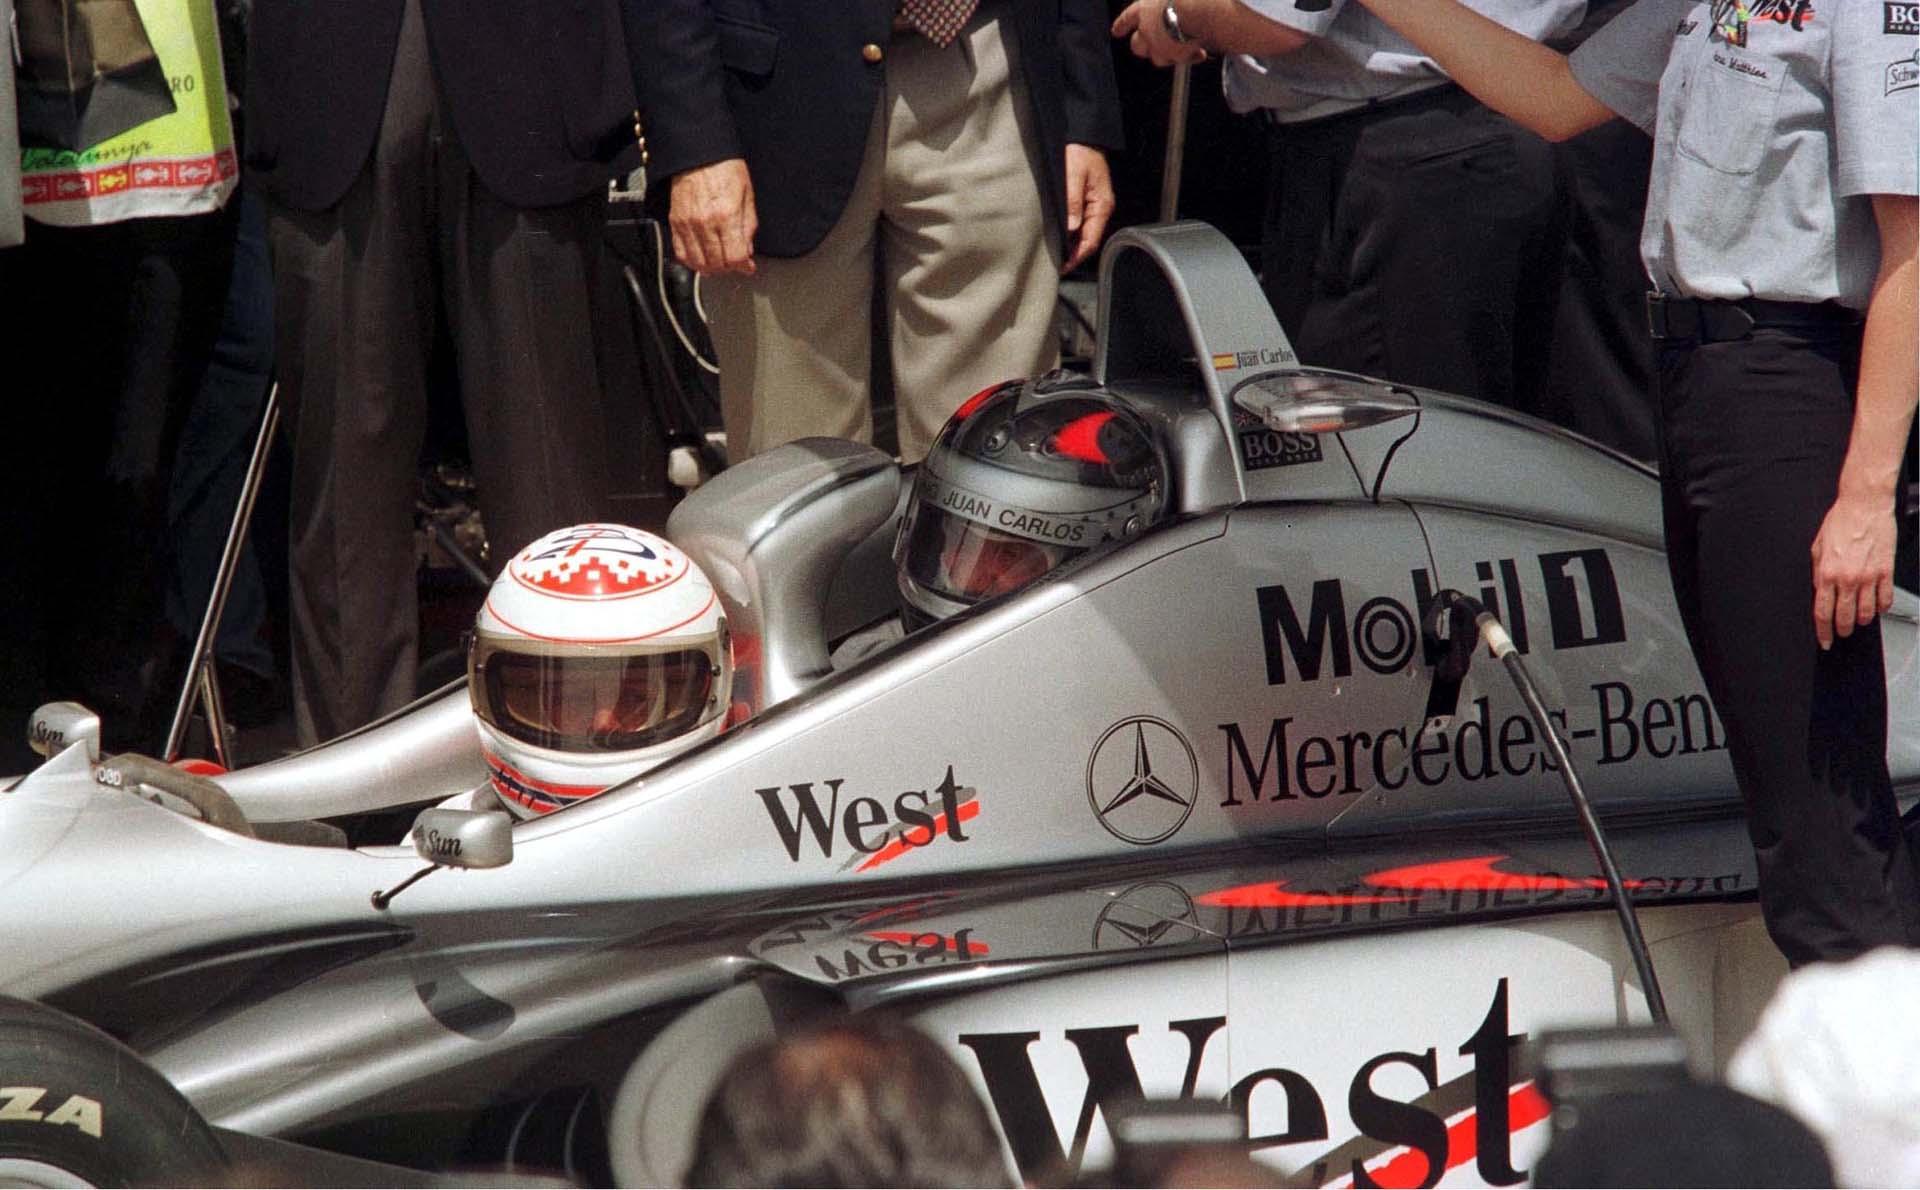 Juan Carlos a bordo de un automóvil de Fórmula Uno durante el Gran Premio de España en 1999 (Shutterstock)